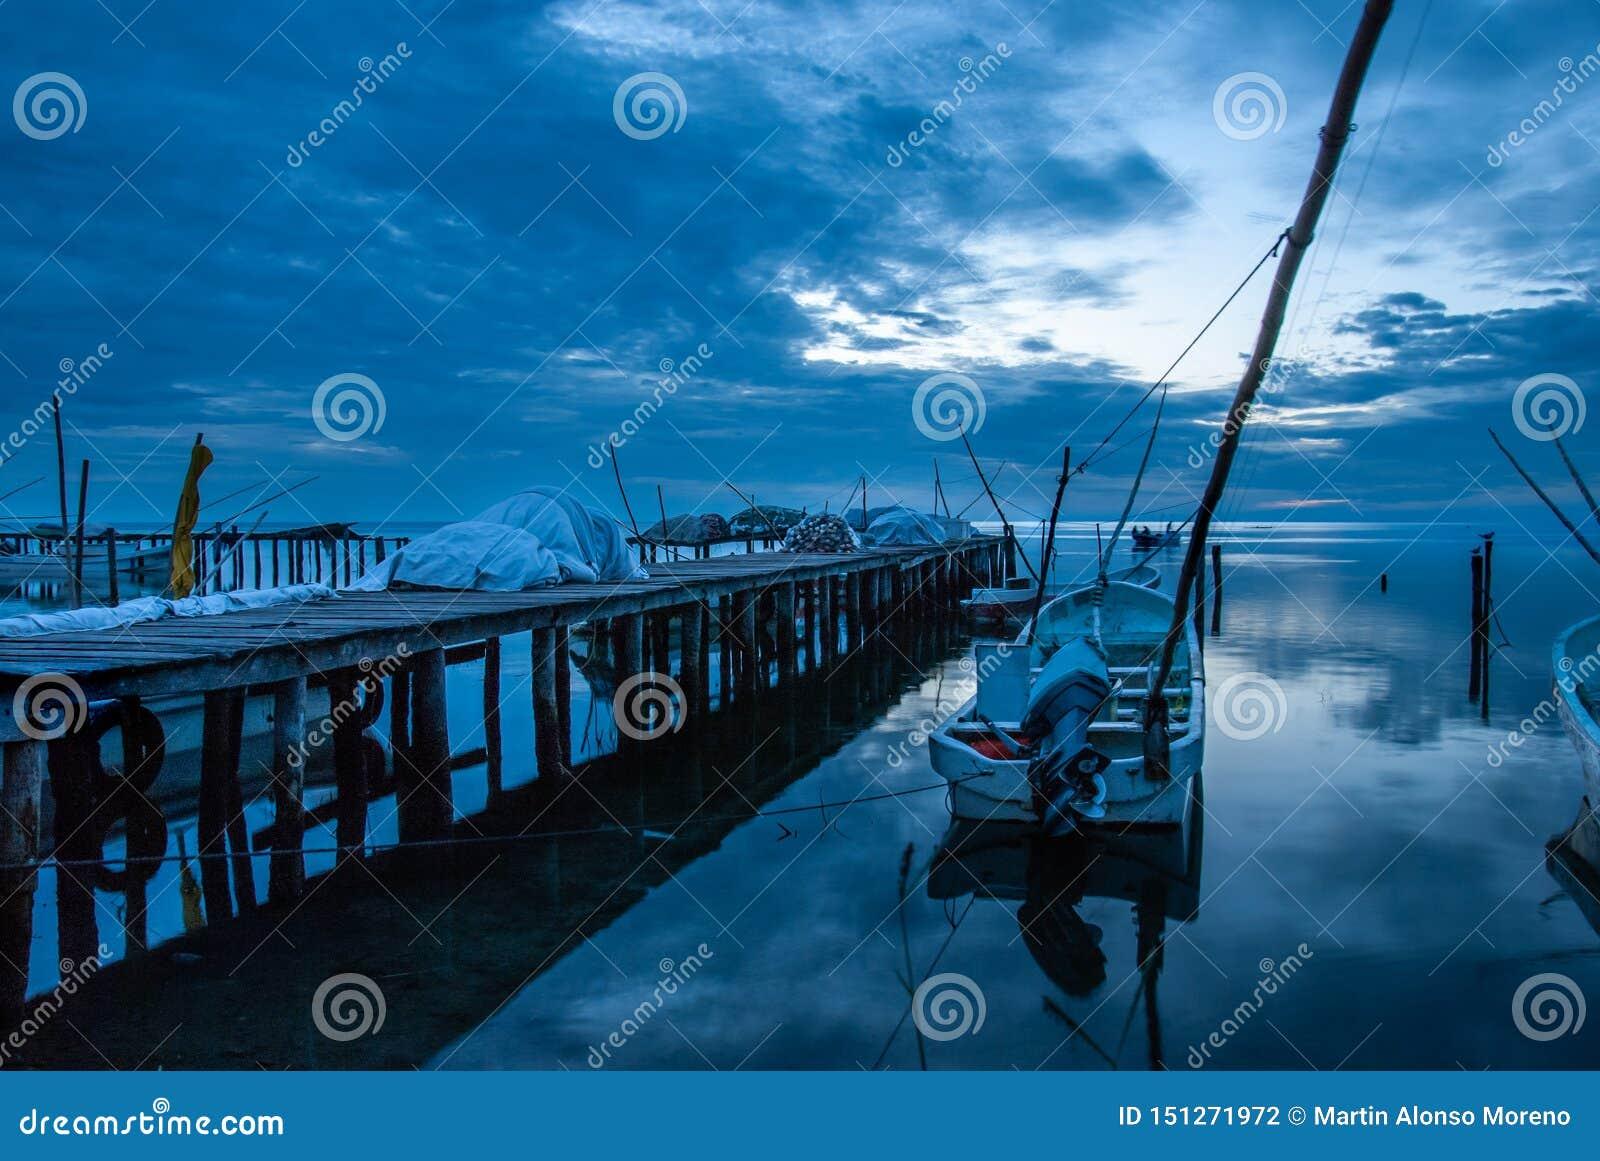 Barcos en el muelle y la puesta del sol azul en Campeche México